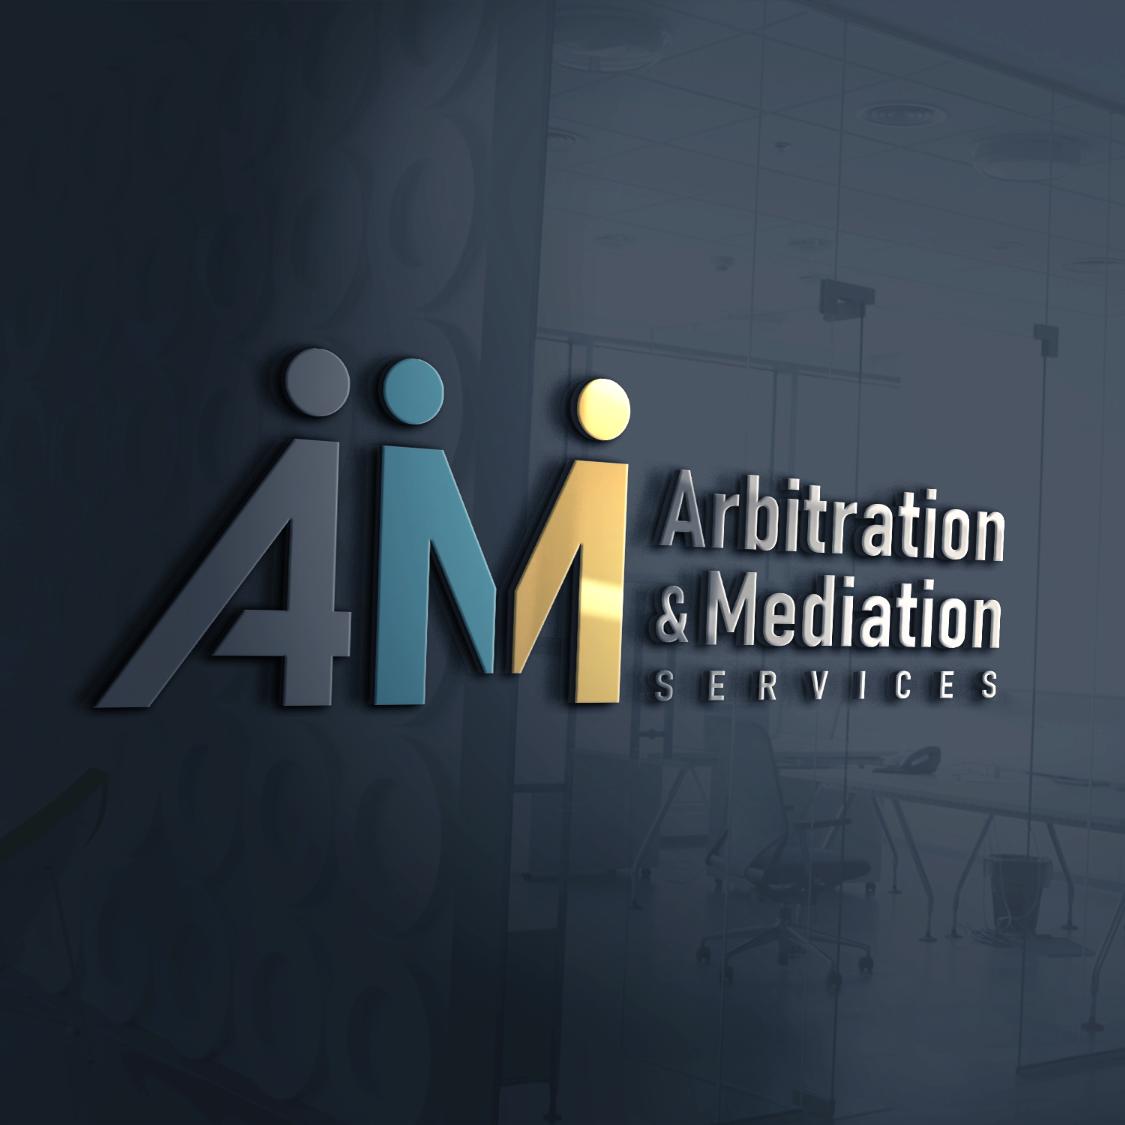 Arbitration & Mediation Services